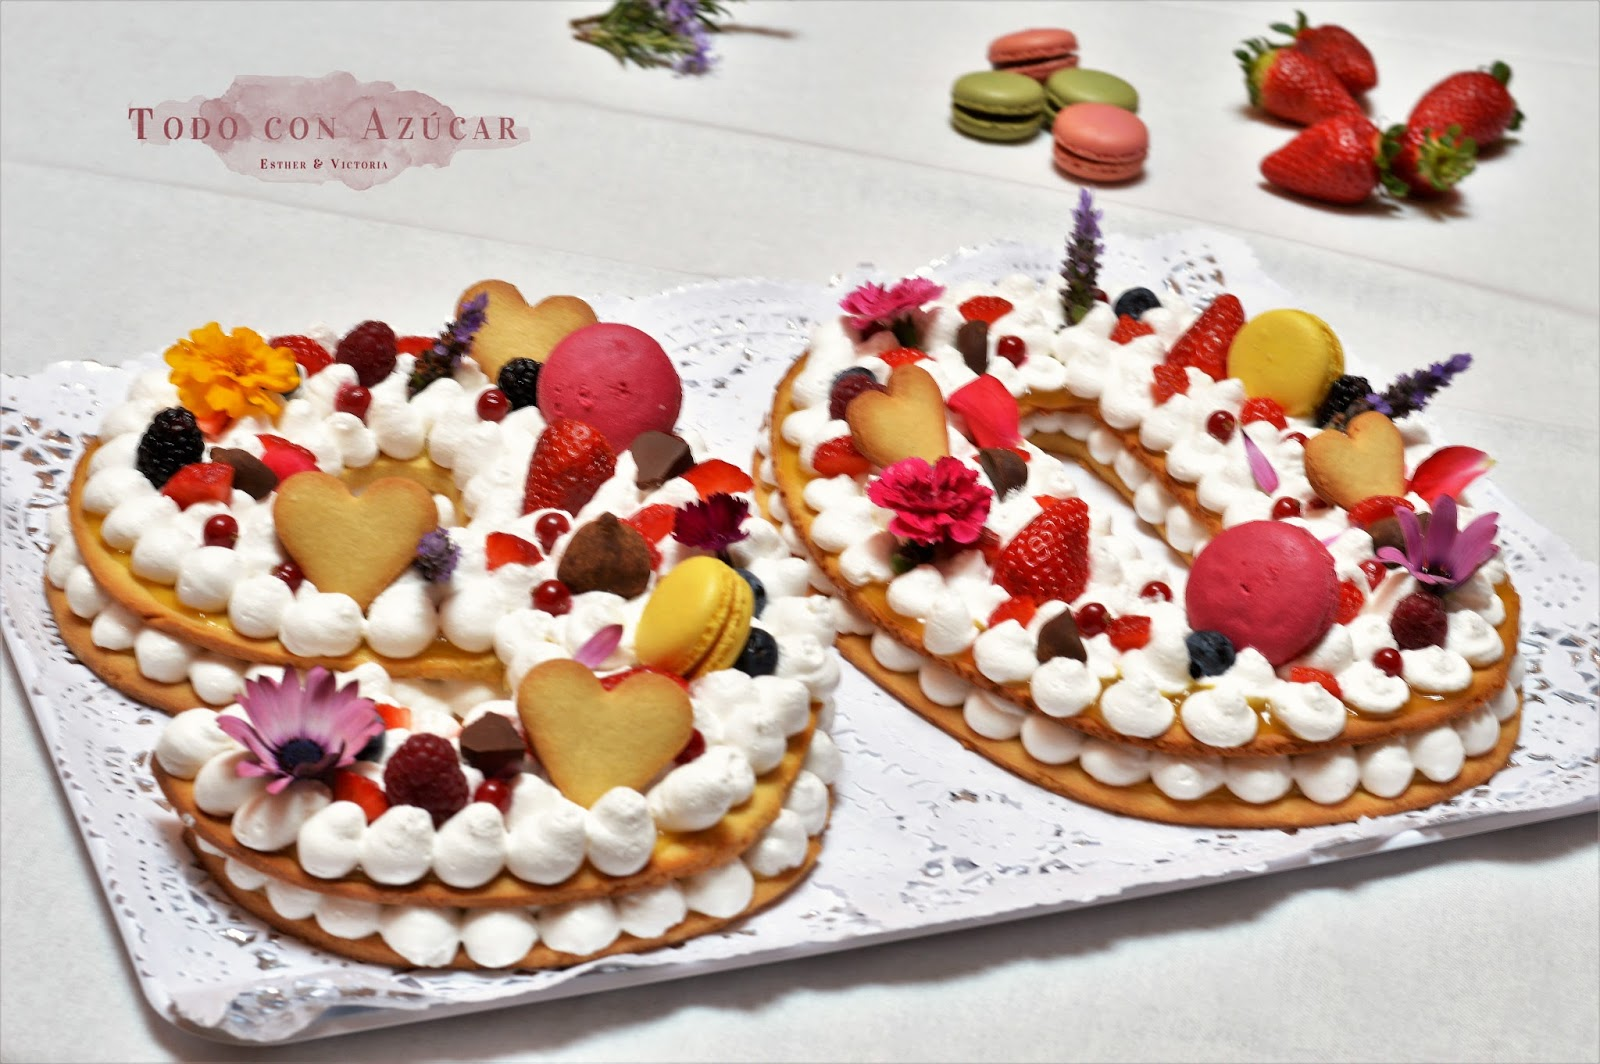 http://todoconazucar.blogspot.com.es/